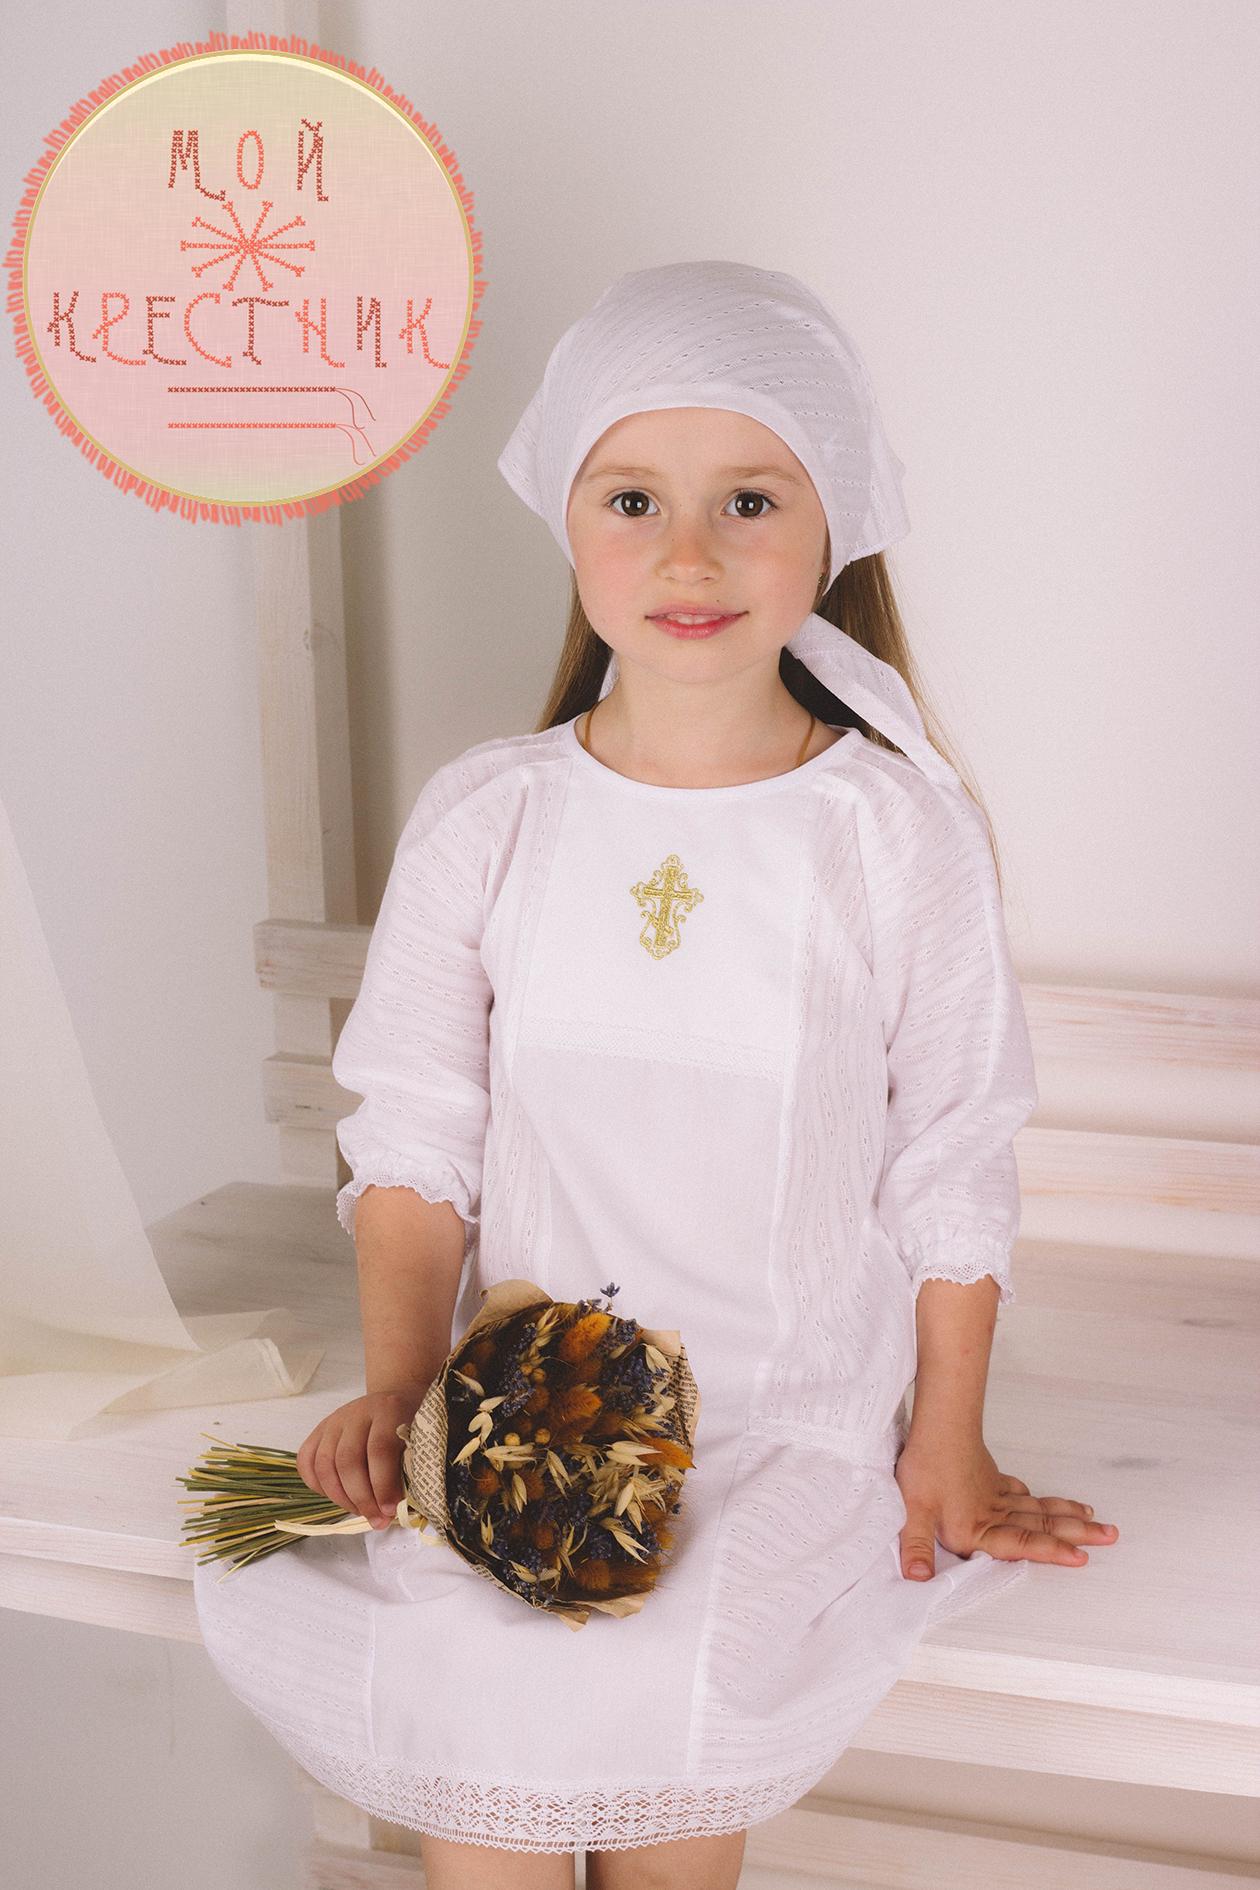 Логотип для крестильной одежды(детской). фото f_7975d57cb28a8ee9.jpg